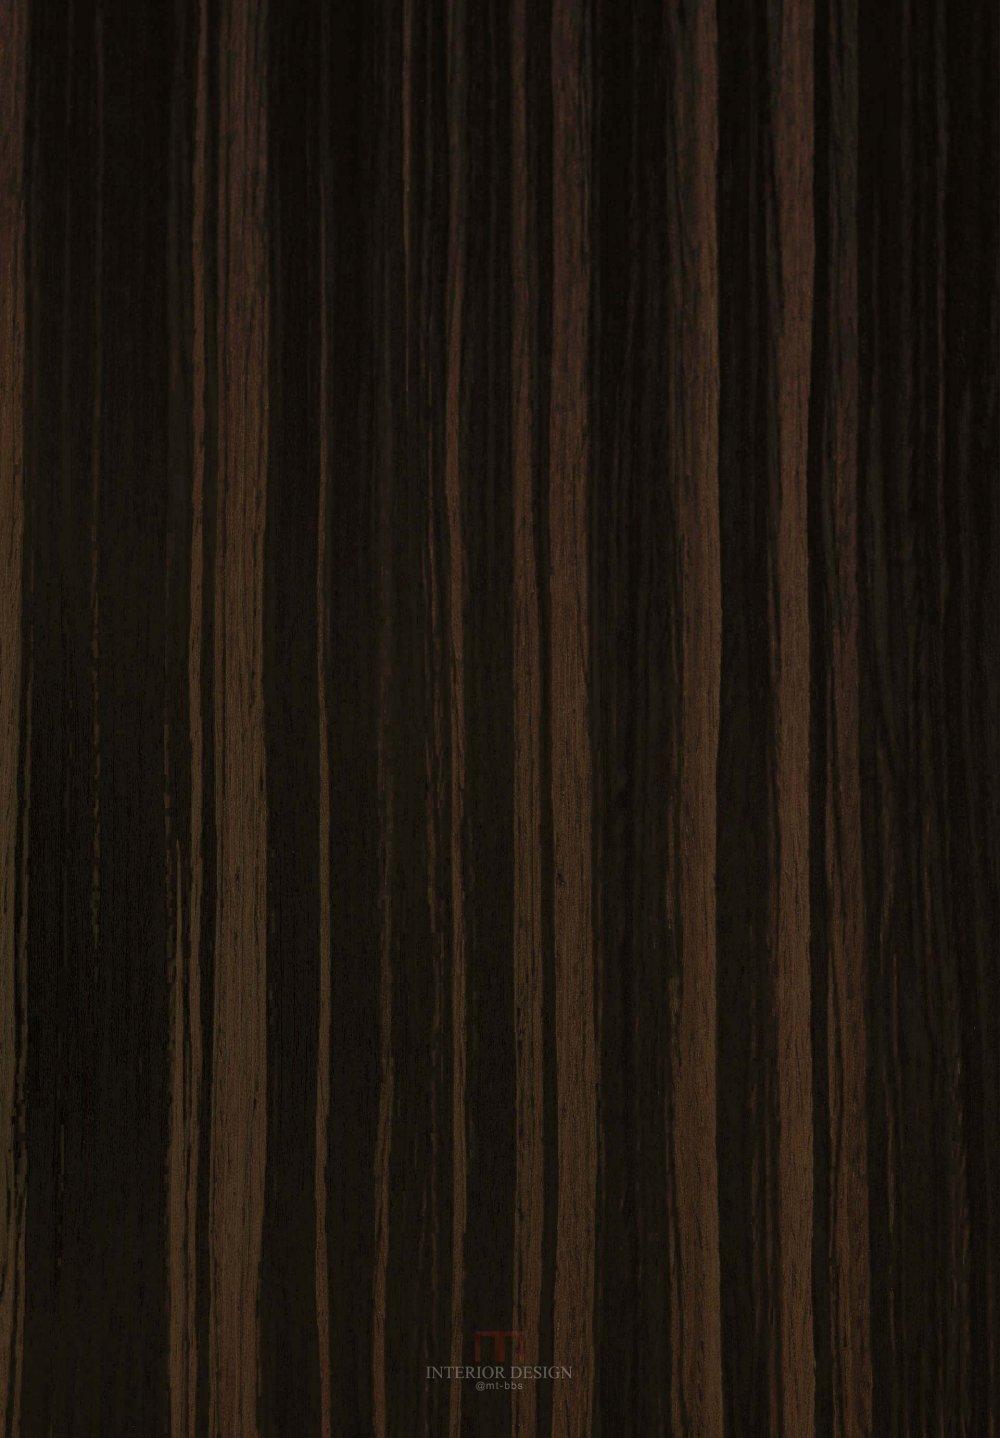 人造木纹_K6210_F0603.jpg